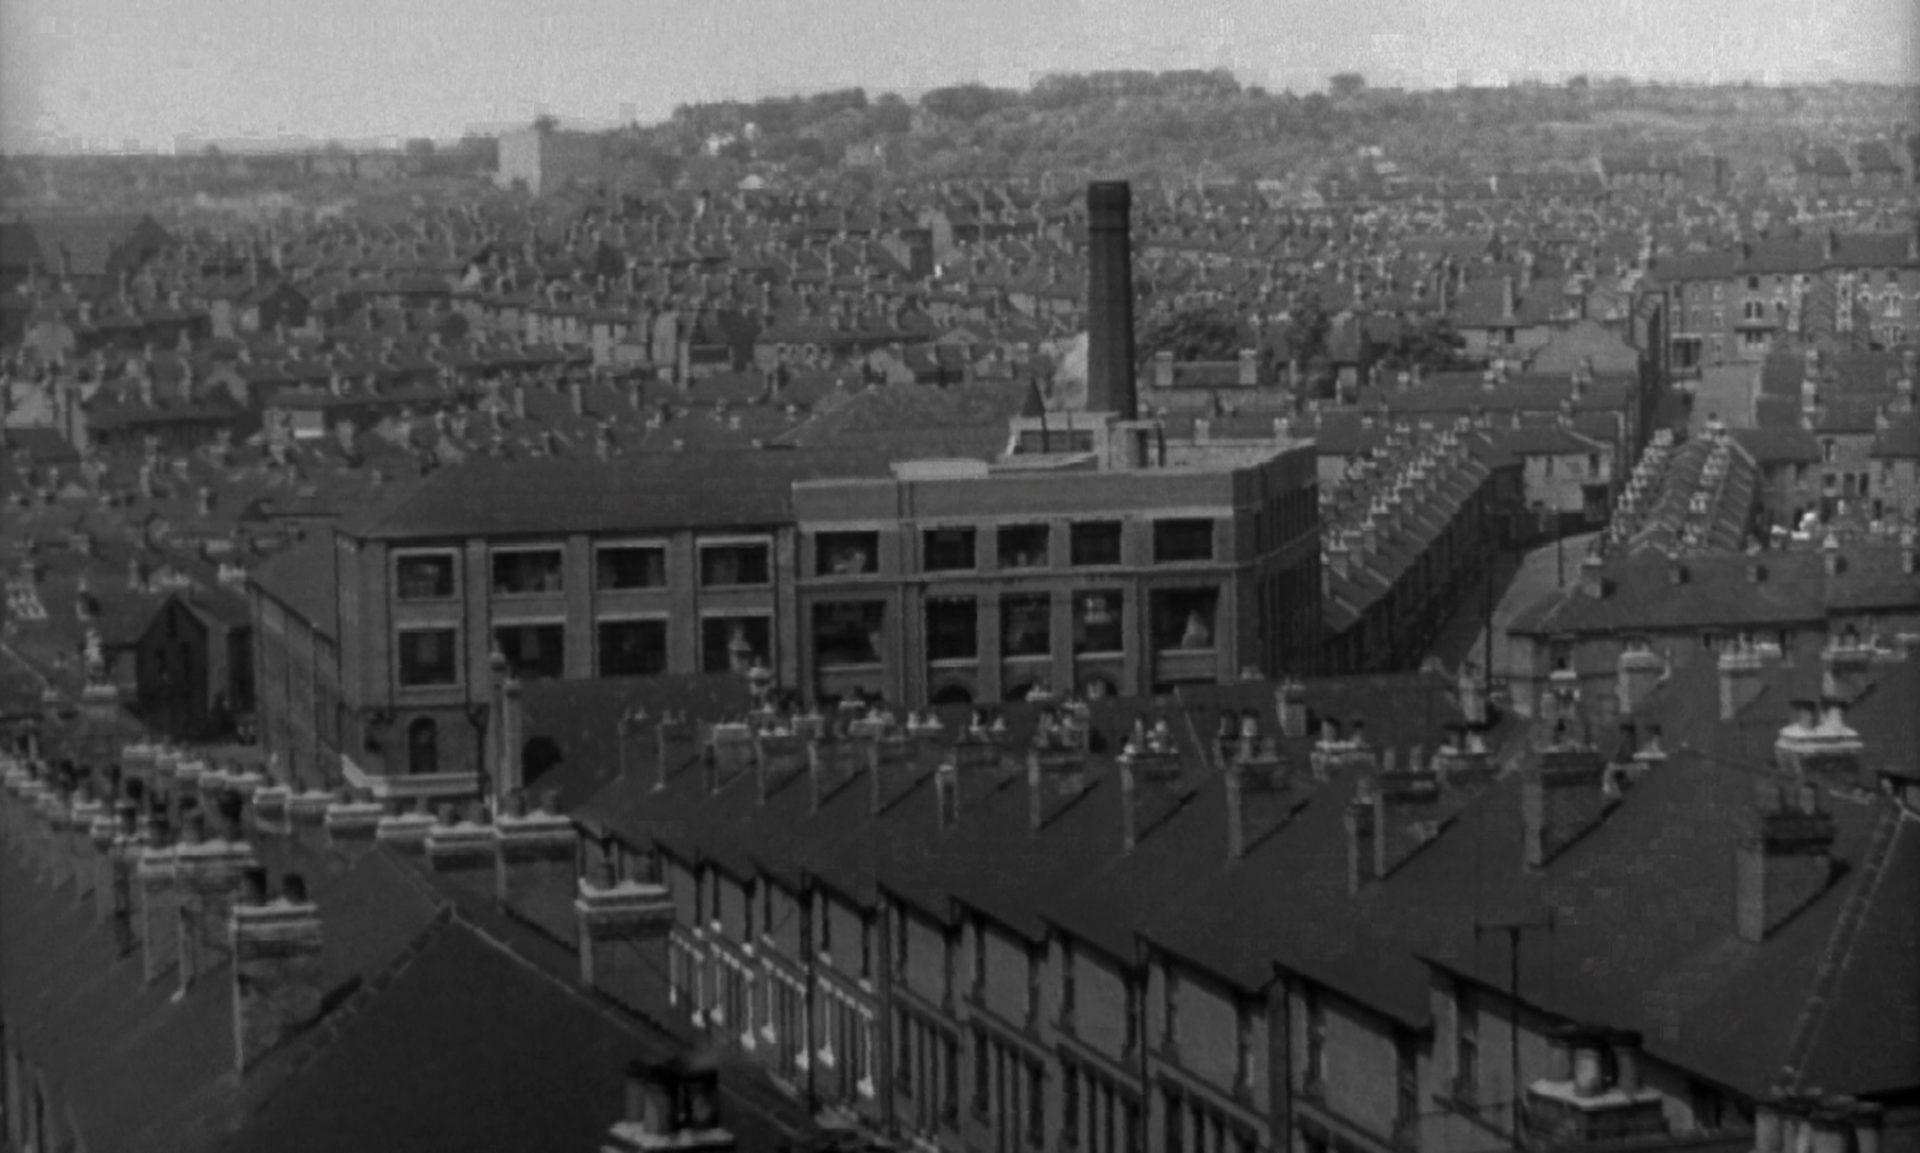 Blick auf die Reihenhäuser einer Industriestadt.